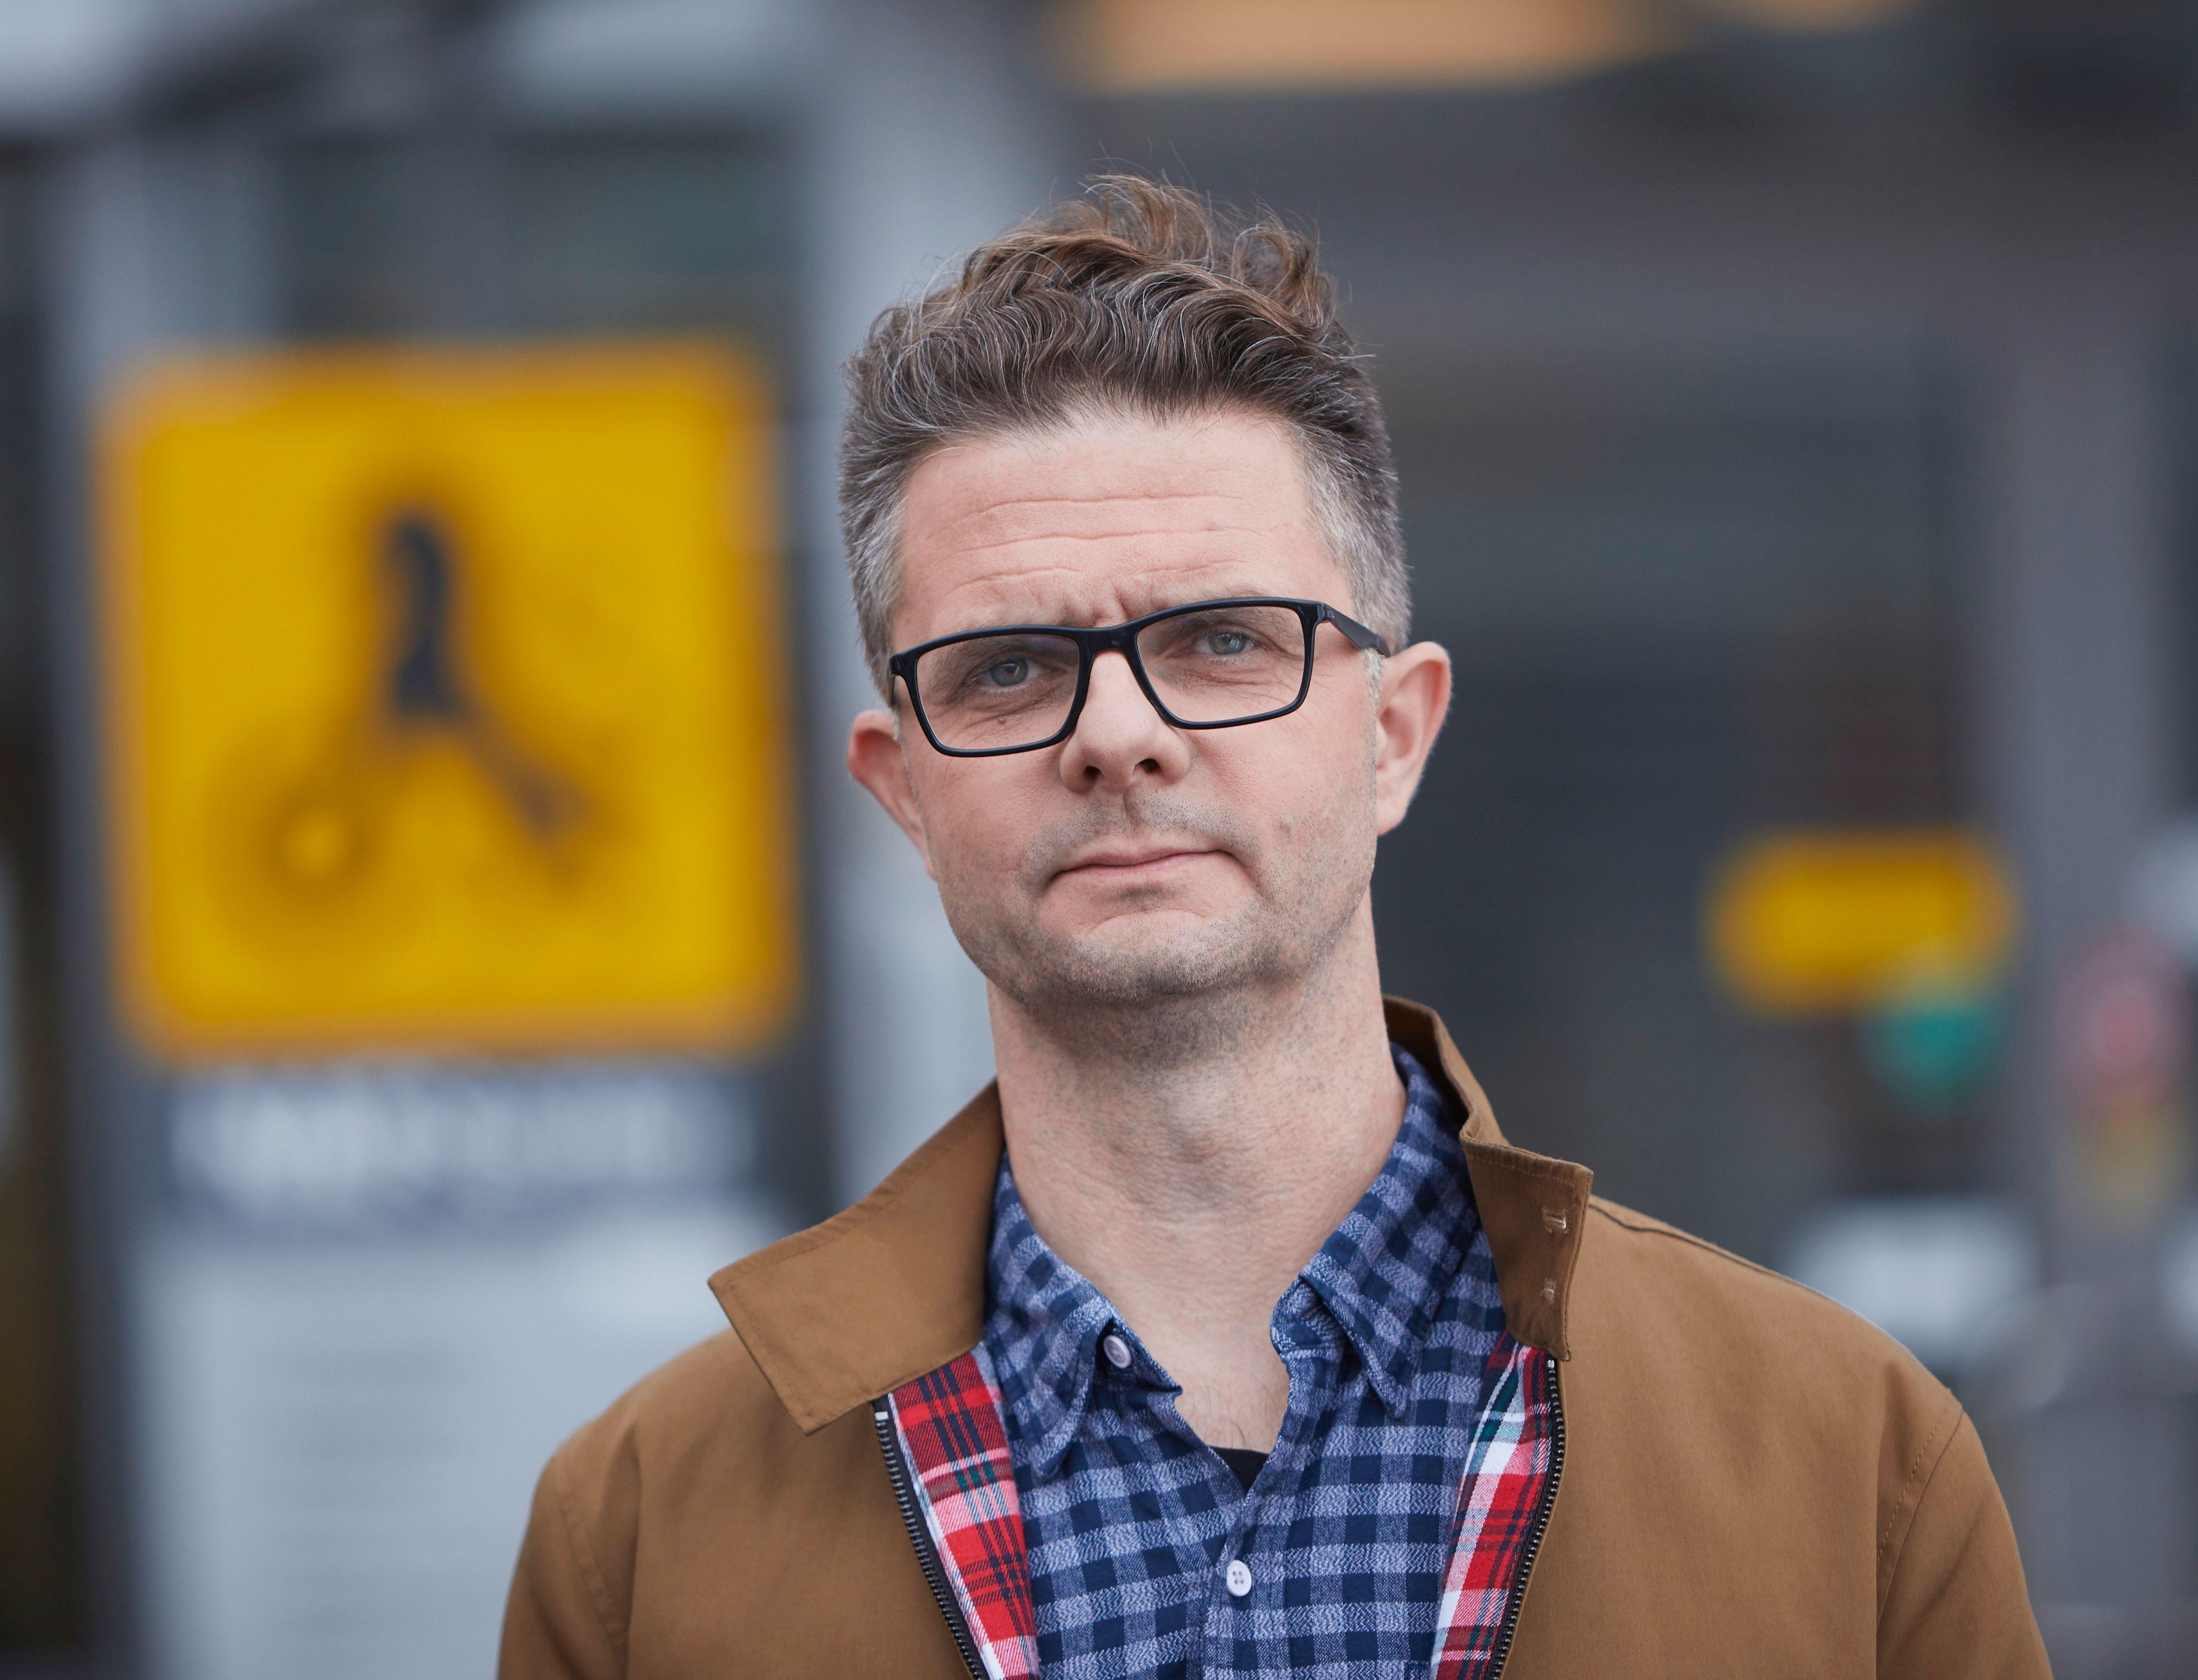 Nils Sødal, kommunikasjonsrådgiver hos NAF, sier Volvos mål er gode, men at svært få vil merke noe av senkingen av topphastigheten.